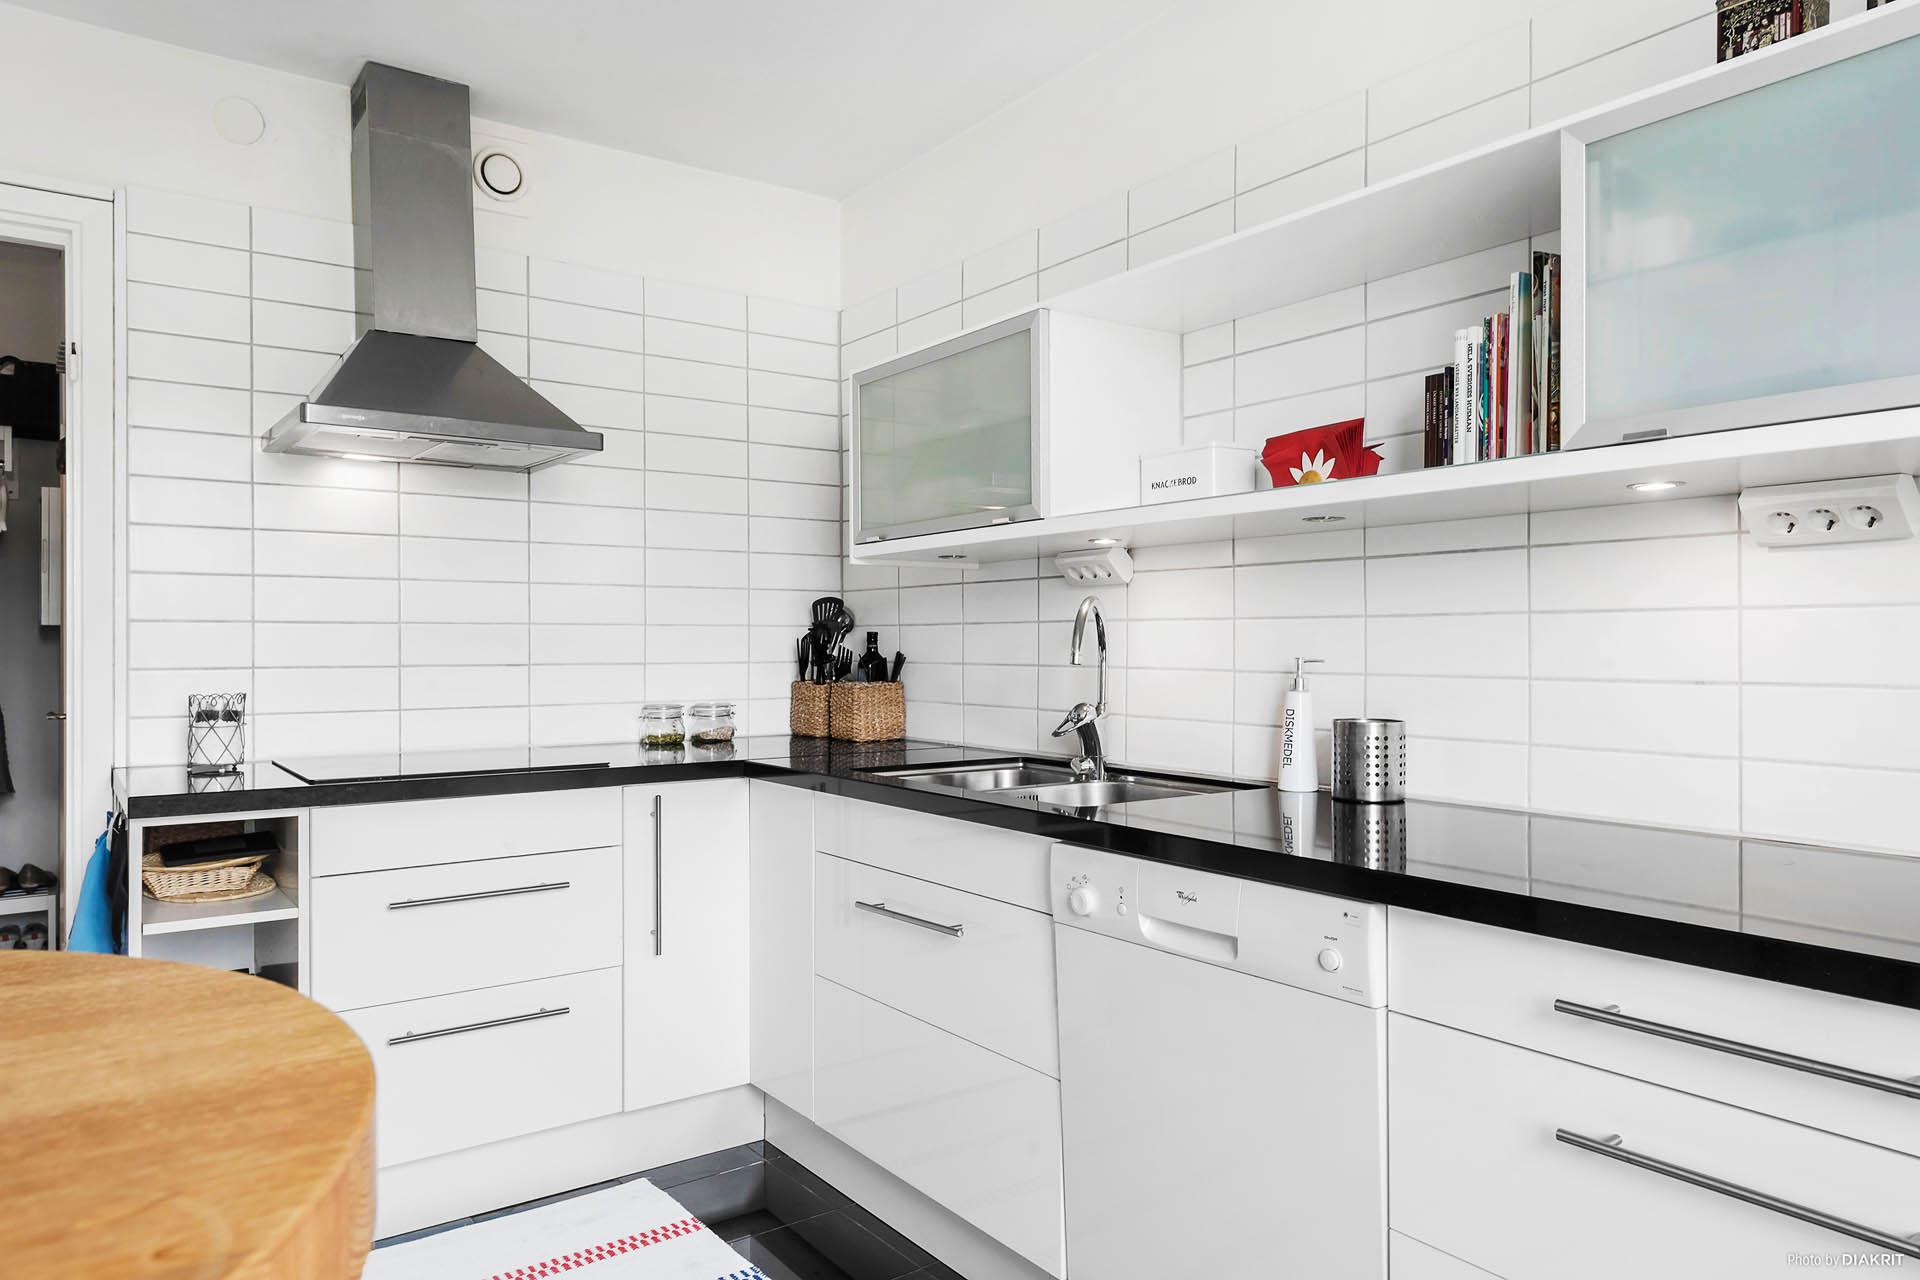 Köket har en luftig planering med både öppen och stängd förvaring.